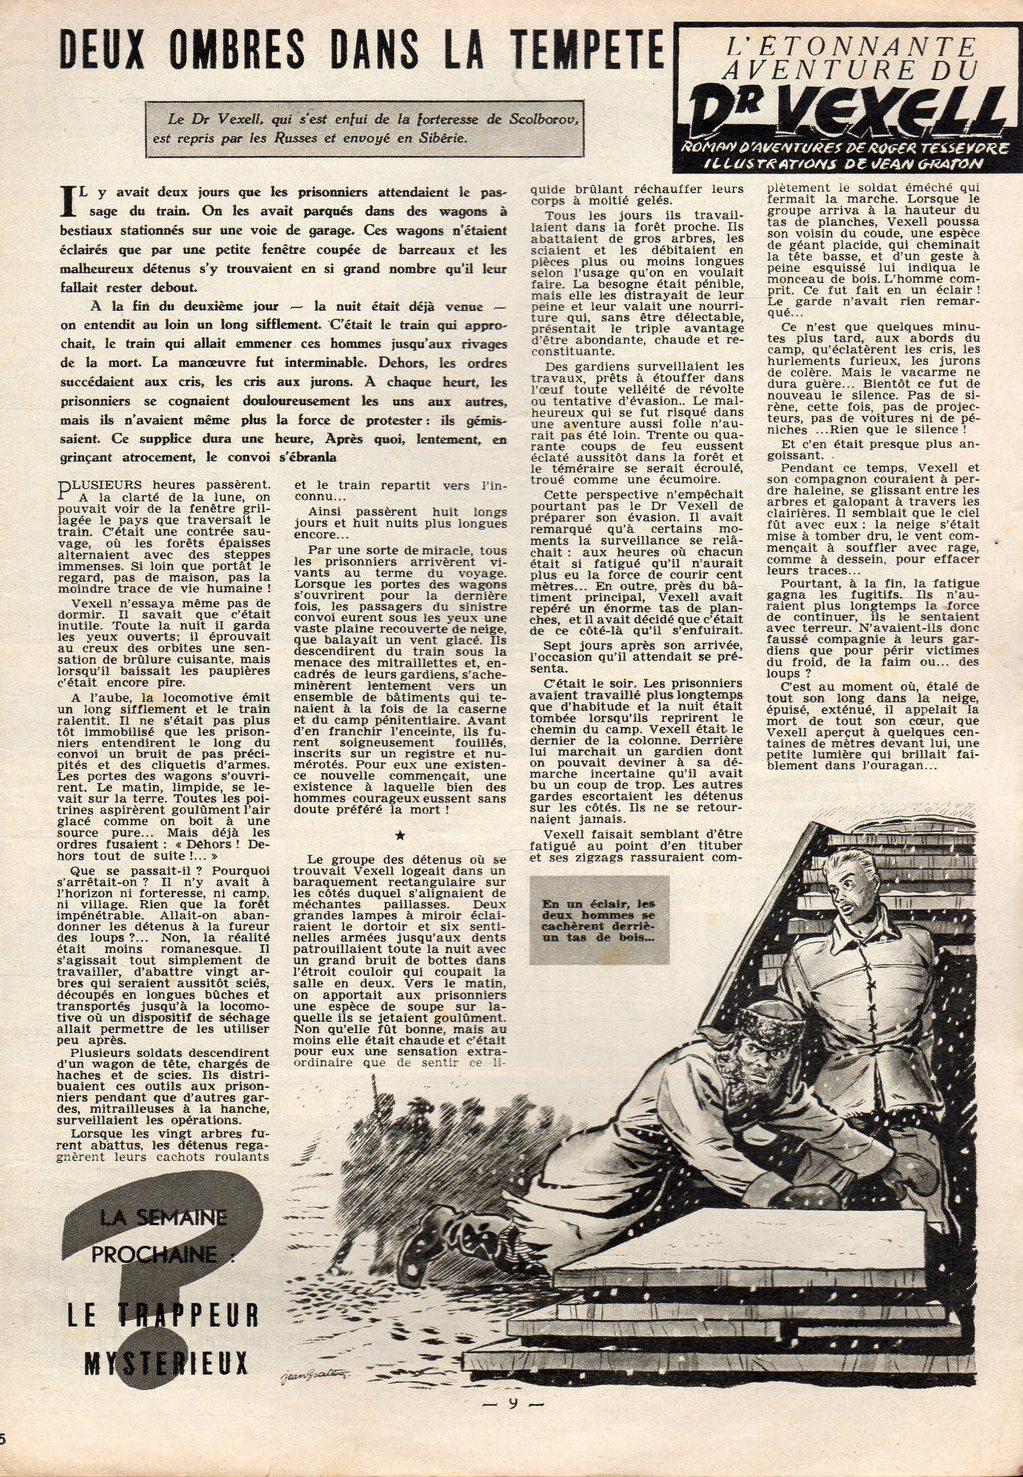 Jean Graton - Tintin 1954 - Dr Vexell (35)